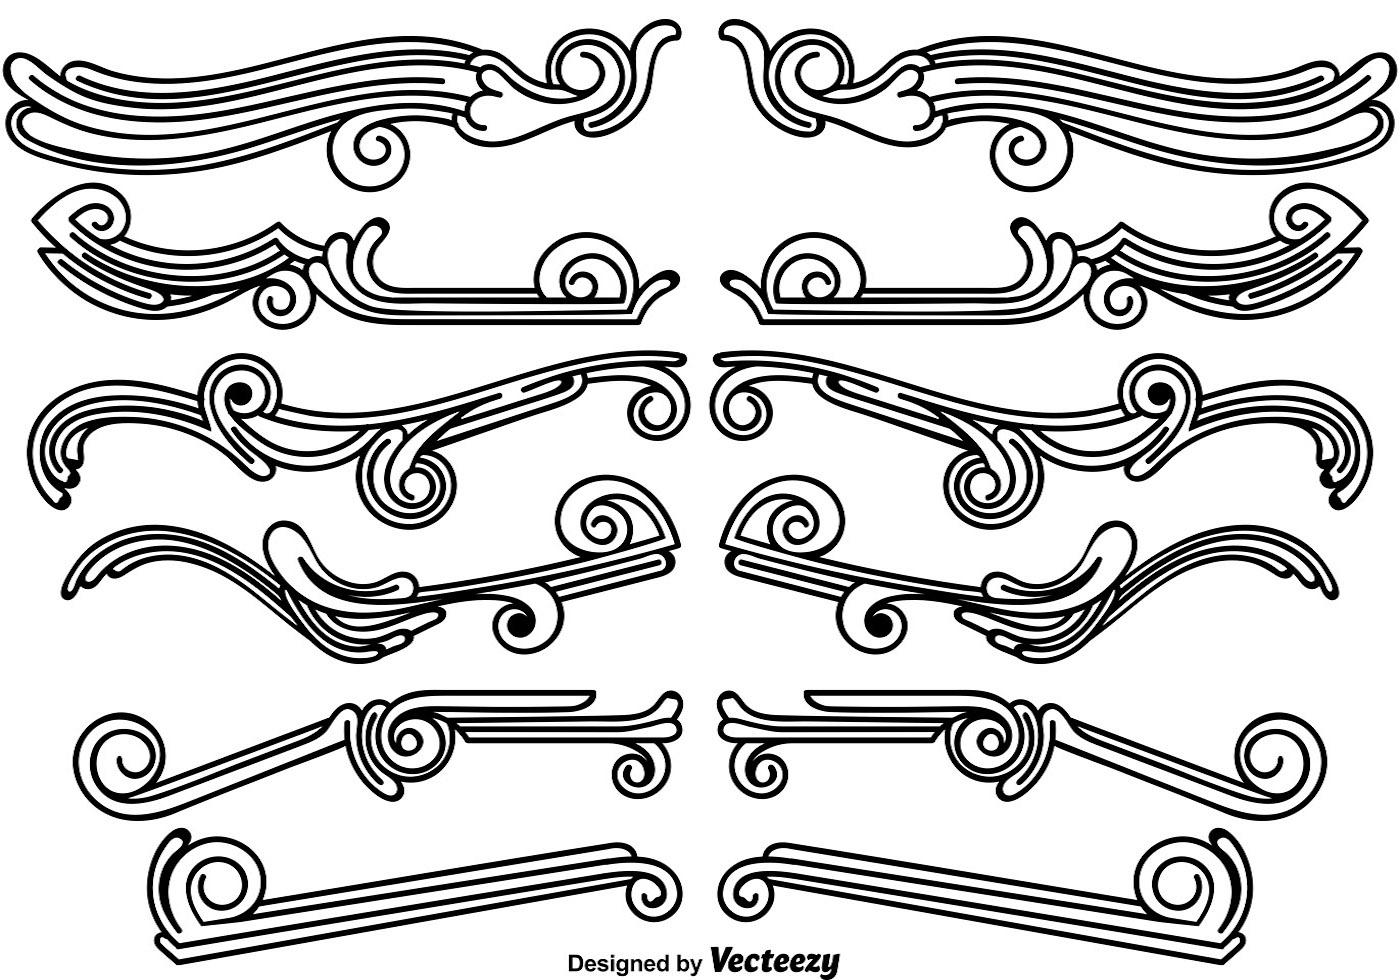 set of vintage ornamental dividers download free vector